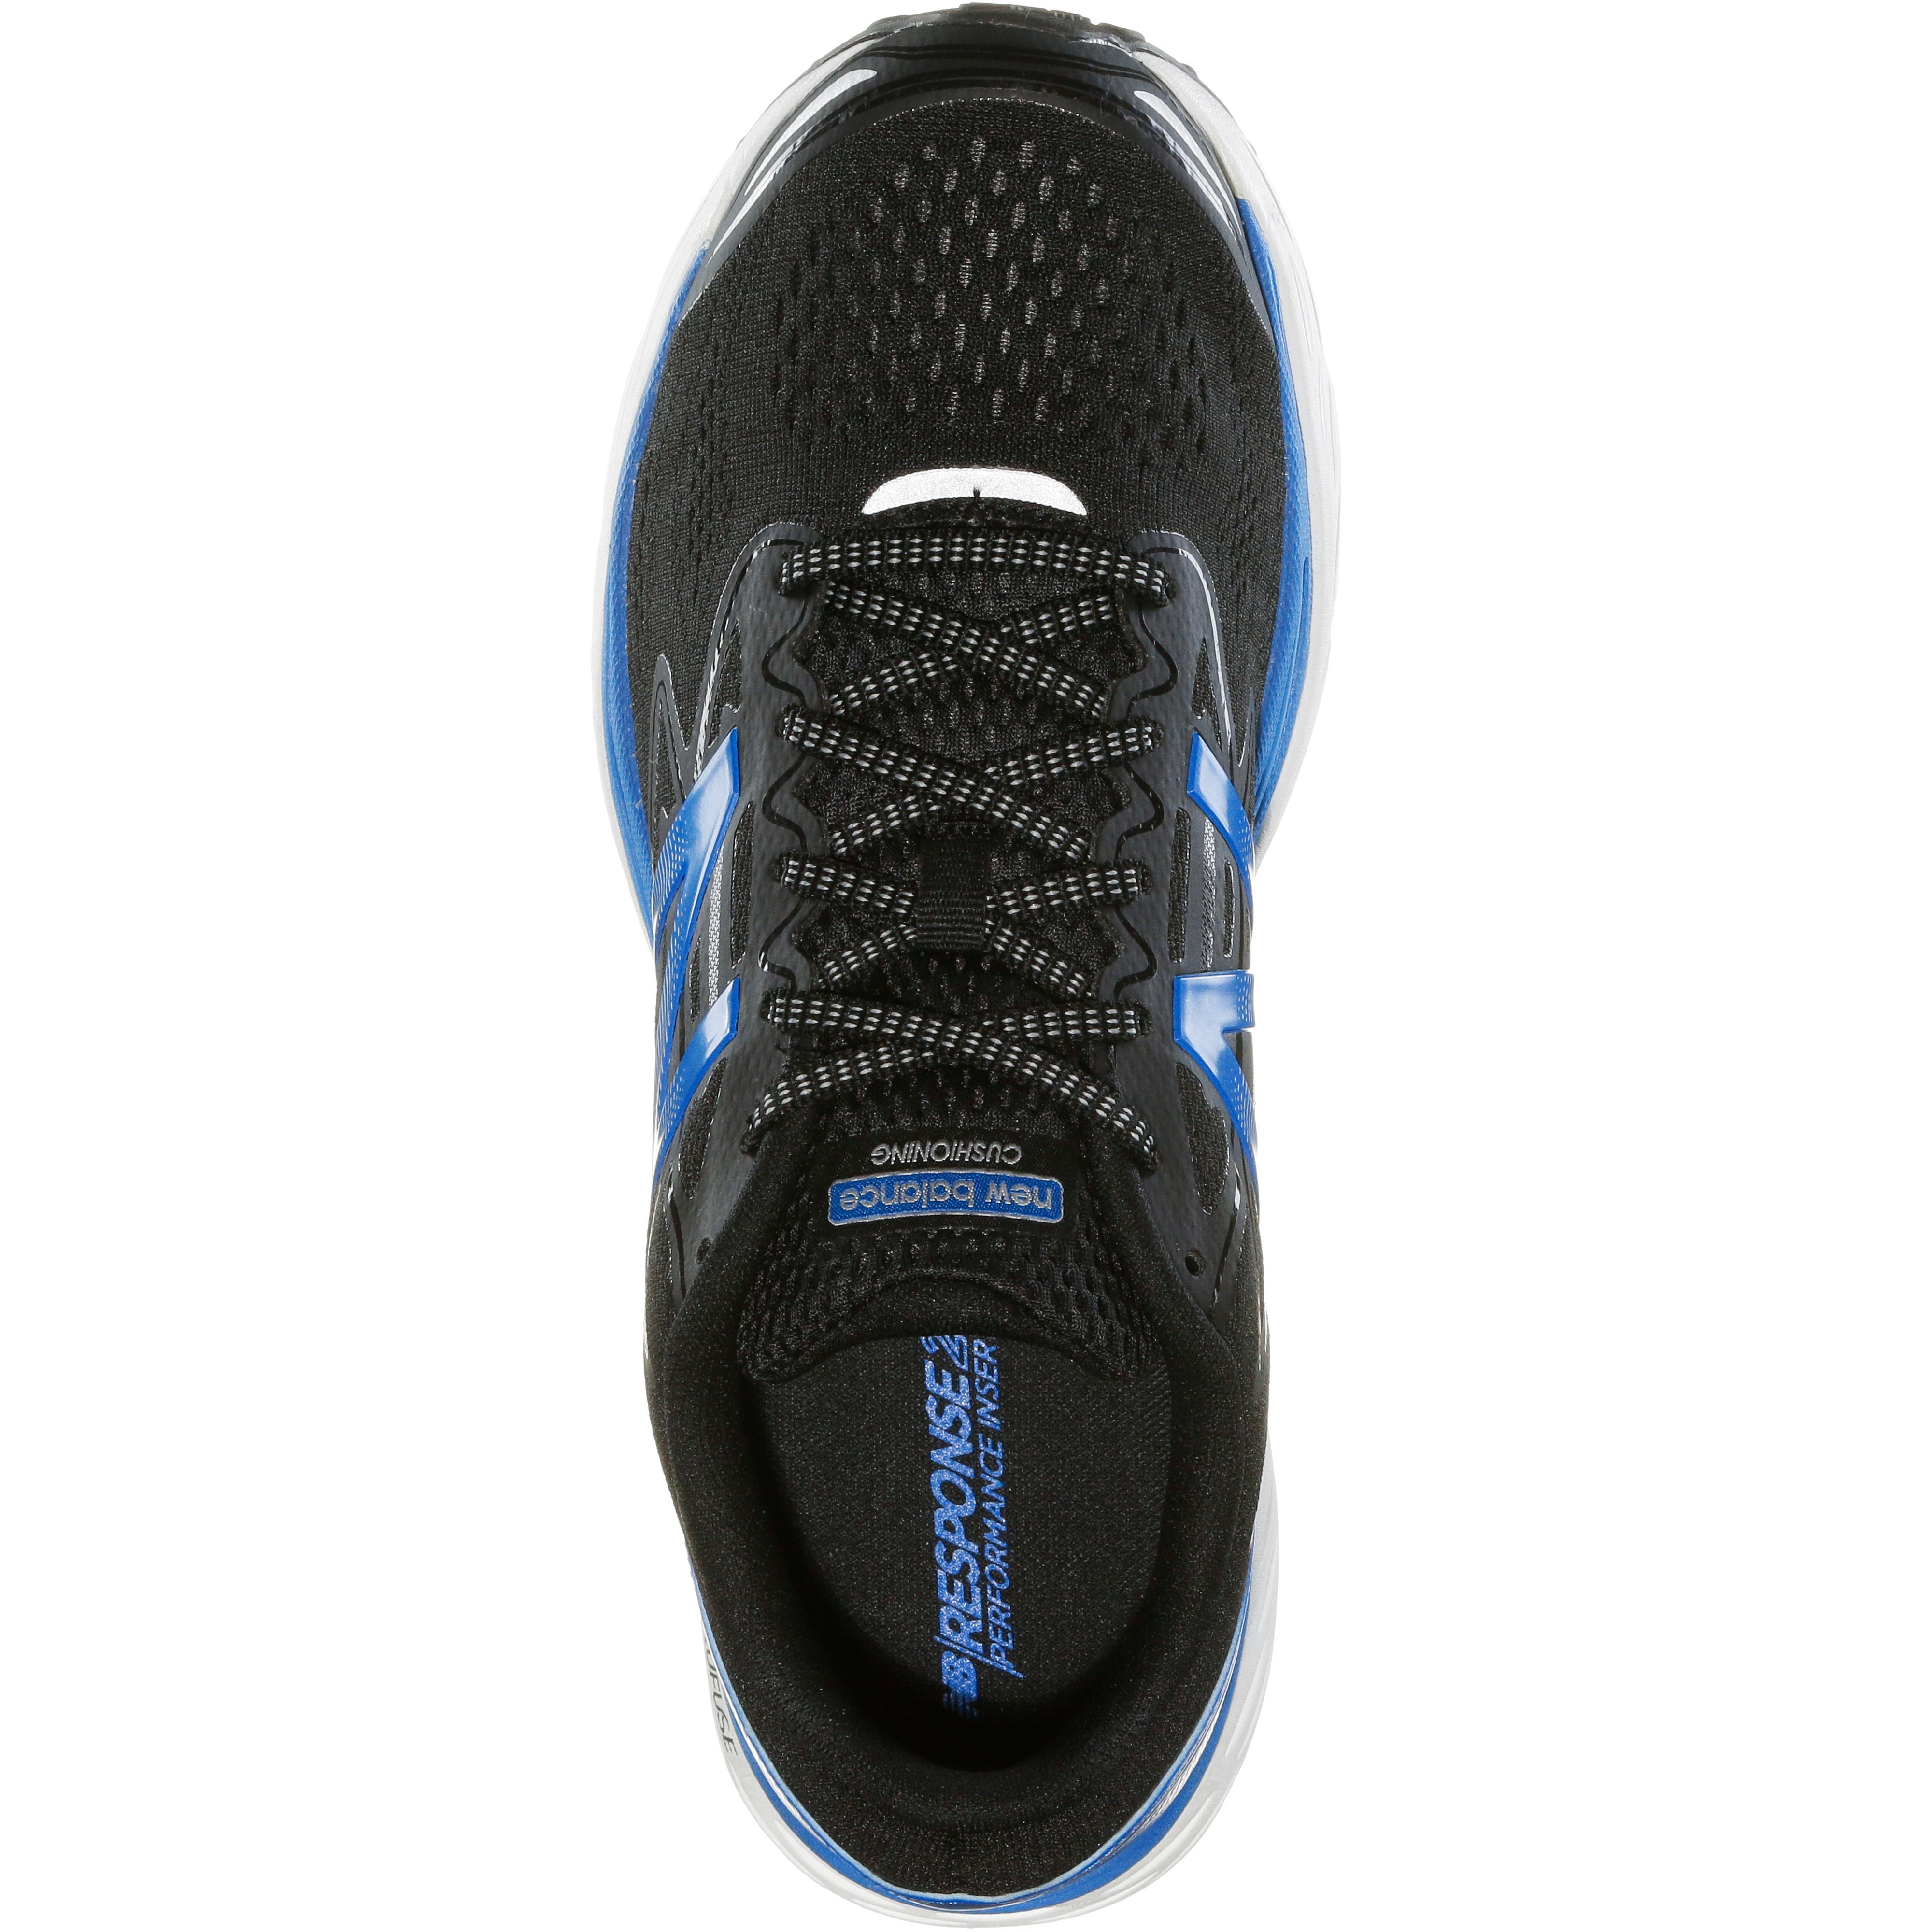 NEW BALANCE BALANCE BALANCE NBX Solvi Laufschuhe Herren schwarz-Blau im Online Shop von SportScheck kaufen Gute Qualität beliebte Schuhe 259037